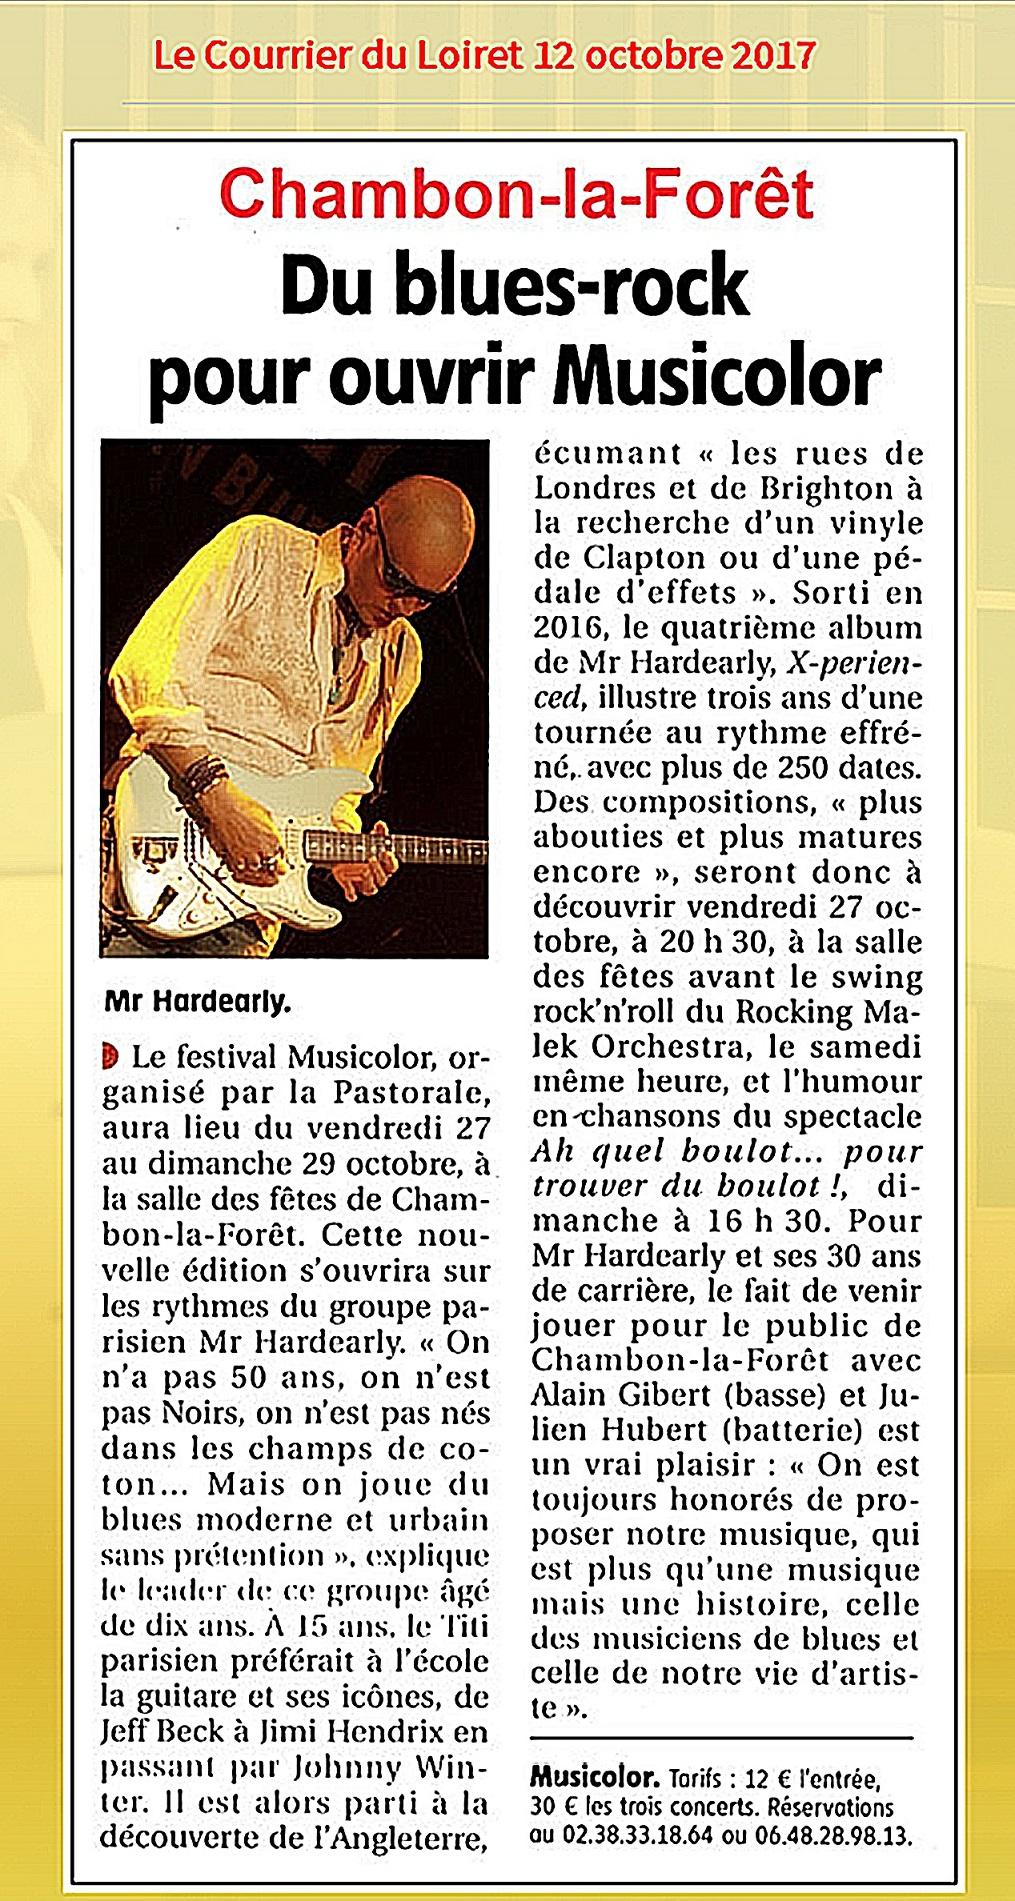 Le courrier du Loiret 12 Octobre 2017